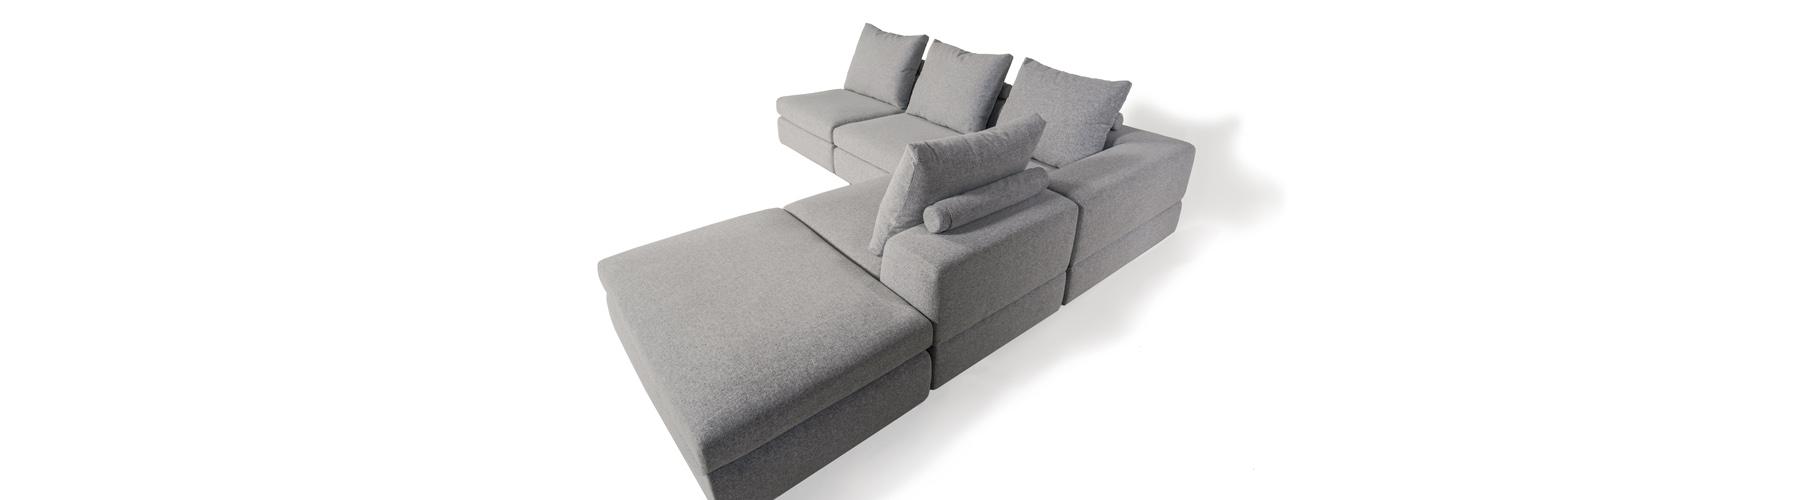 Lionel II - canapé modulaire et sectionnel en tissu fabriqué au Québec par William - divan, causeuse, sofa